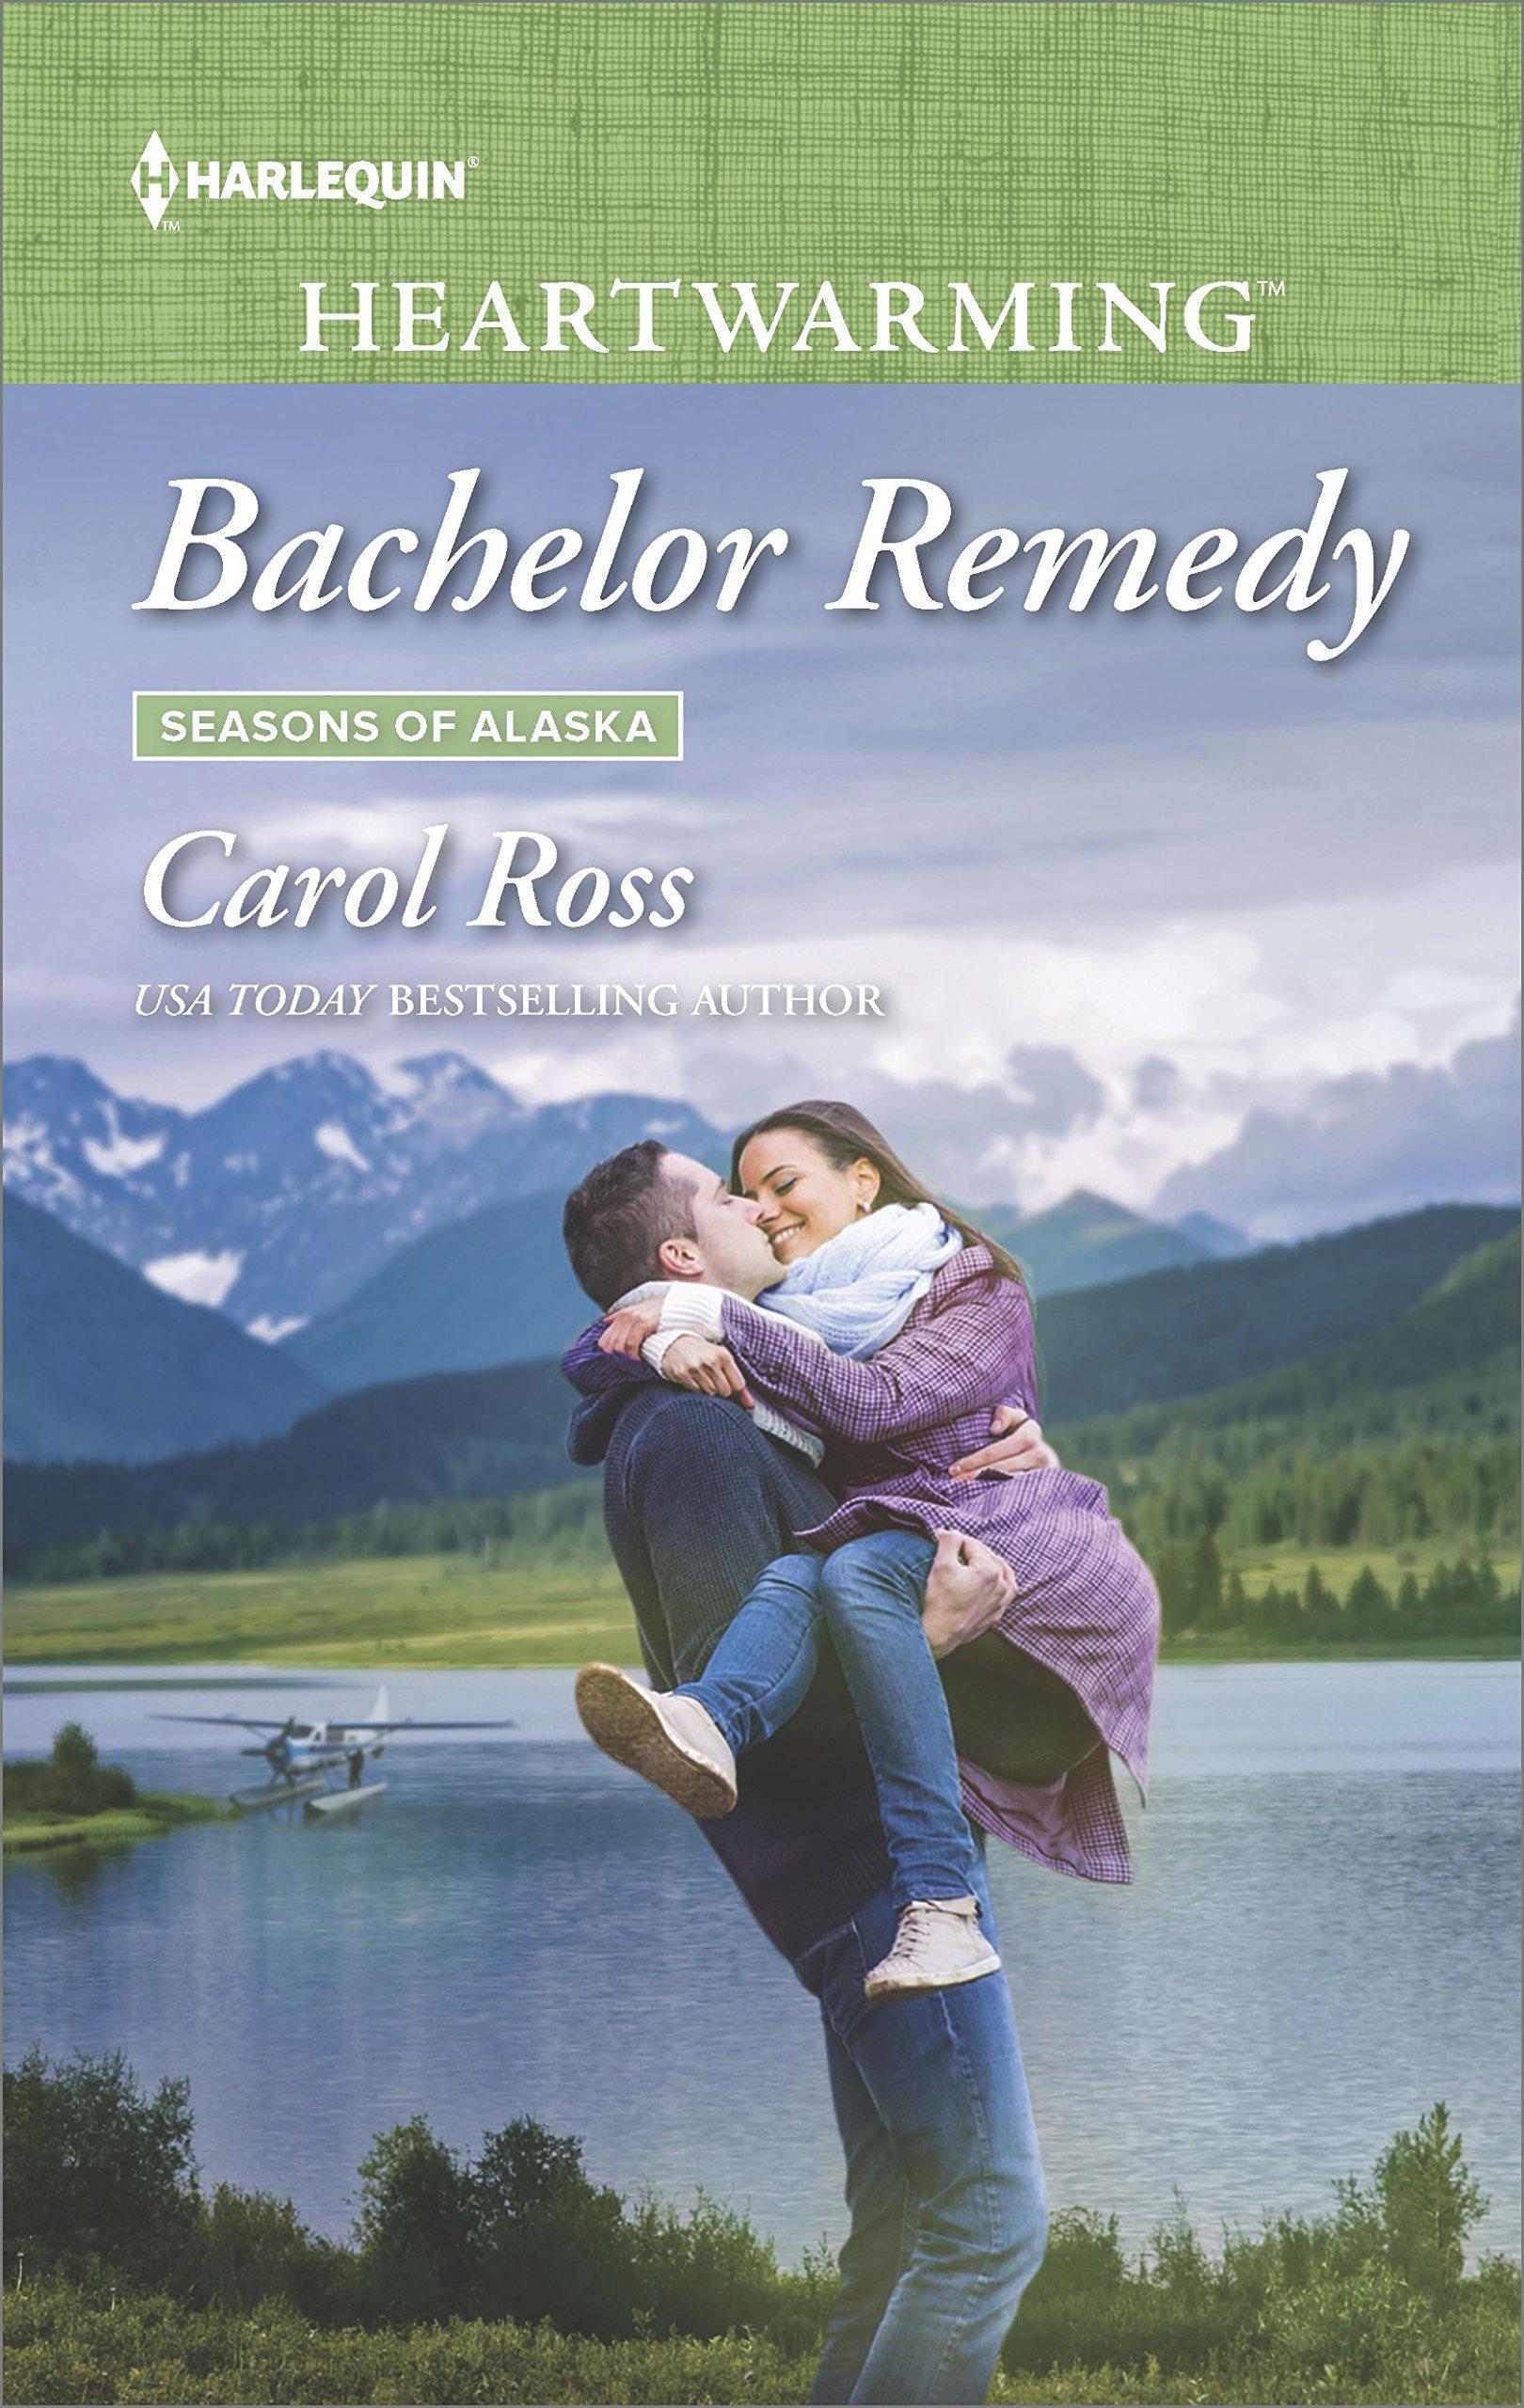 Bachelor Remedy (Seasons of Alaska #5)